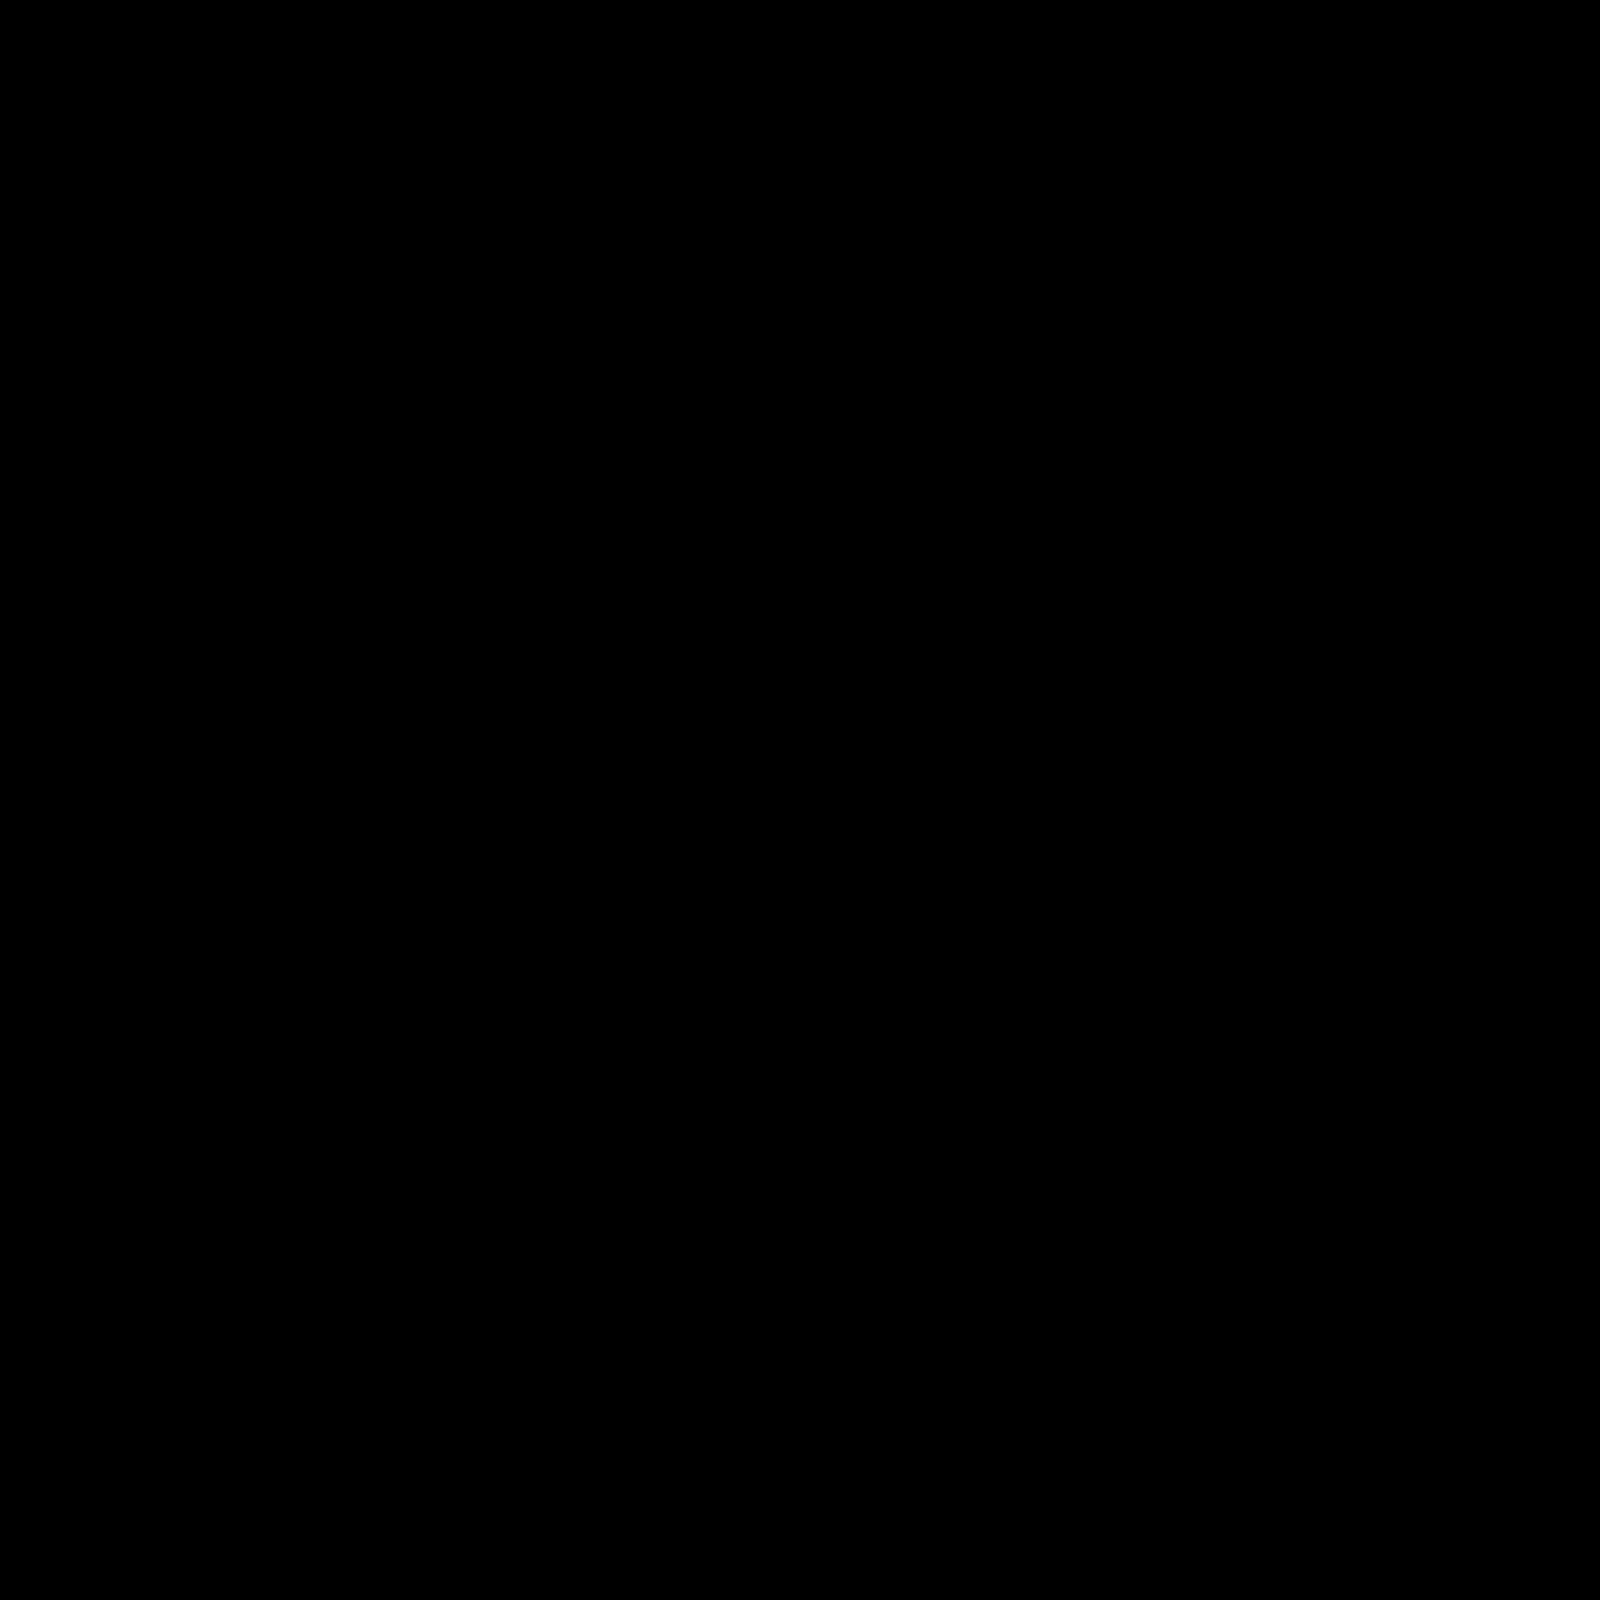 Money Bag Rupee icon